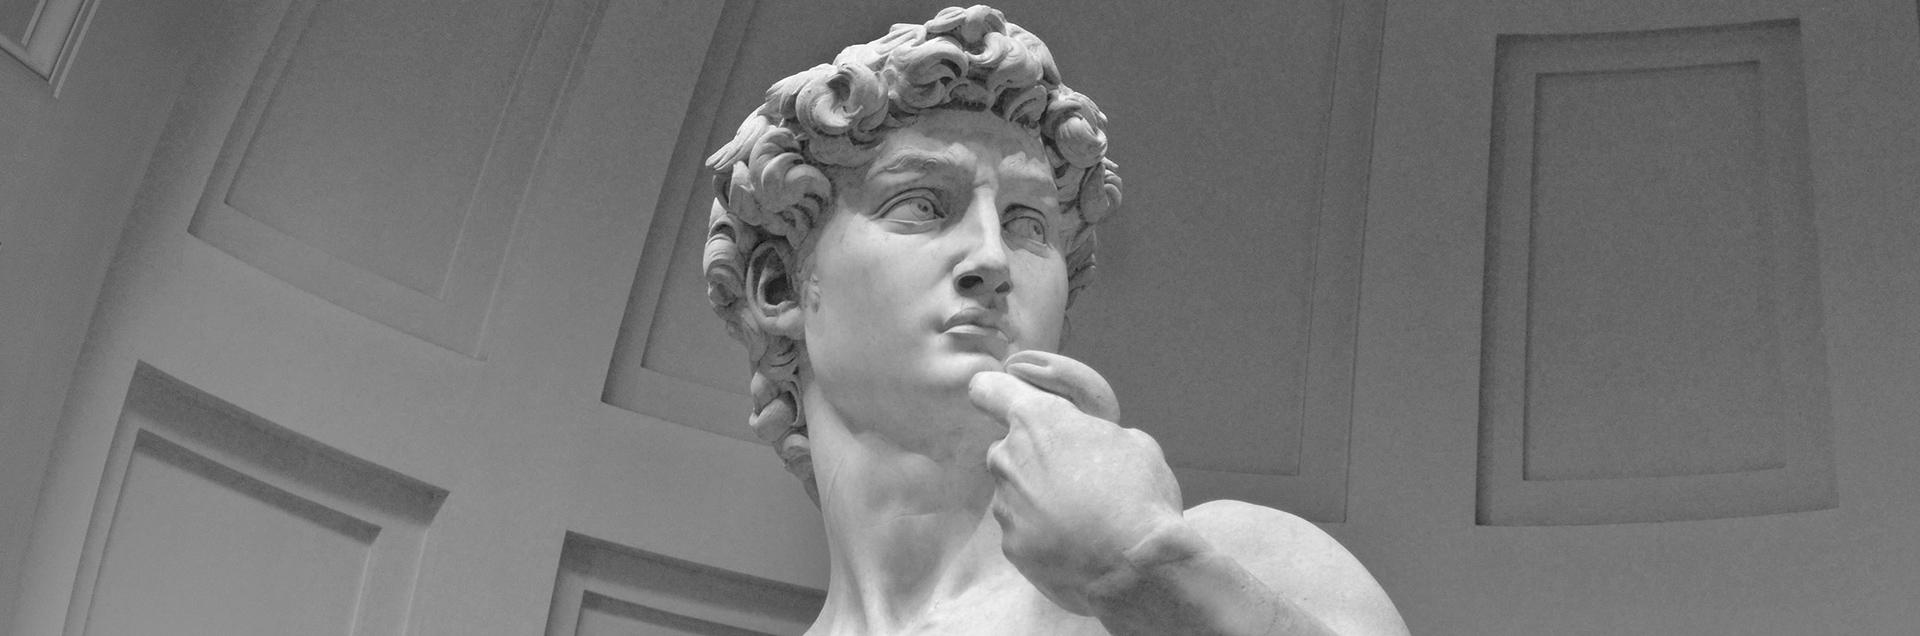 Dove si trova il David di Michelangelo?